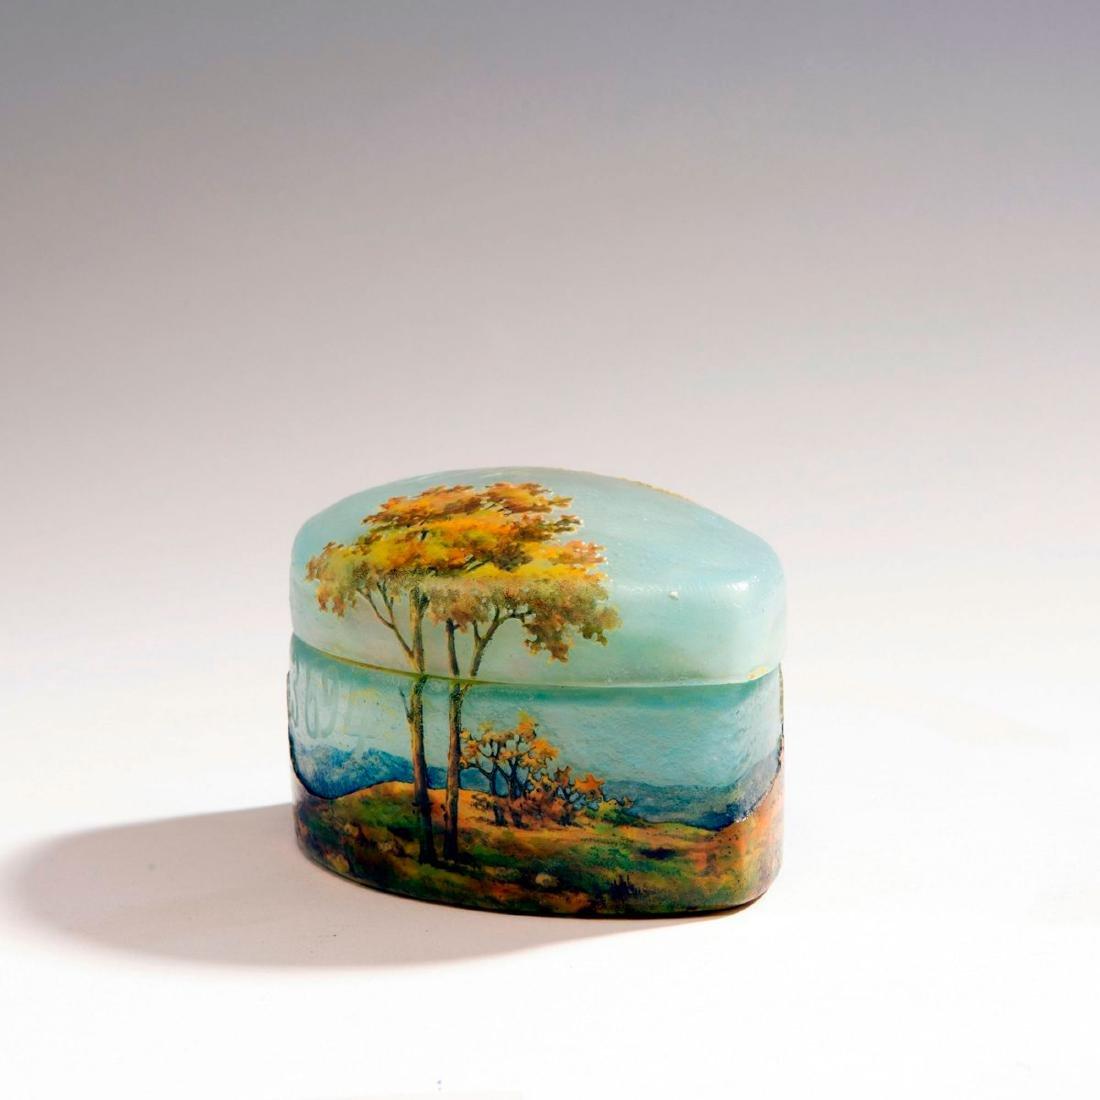 'Messidor' jar, 1908 - 2